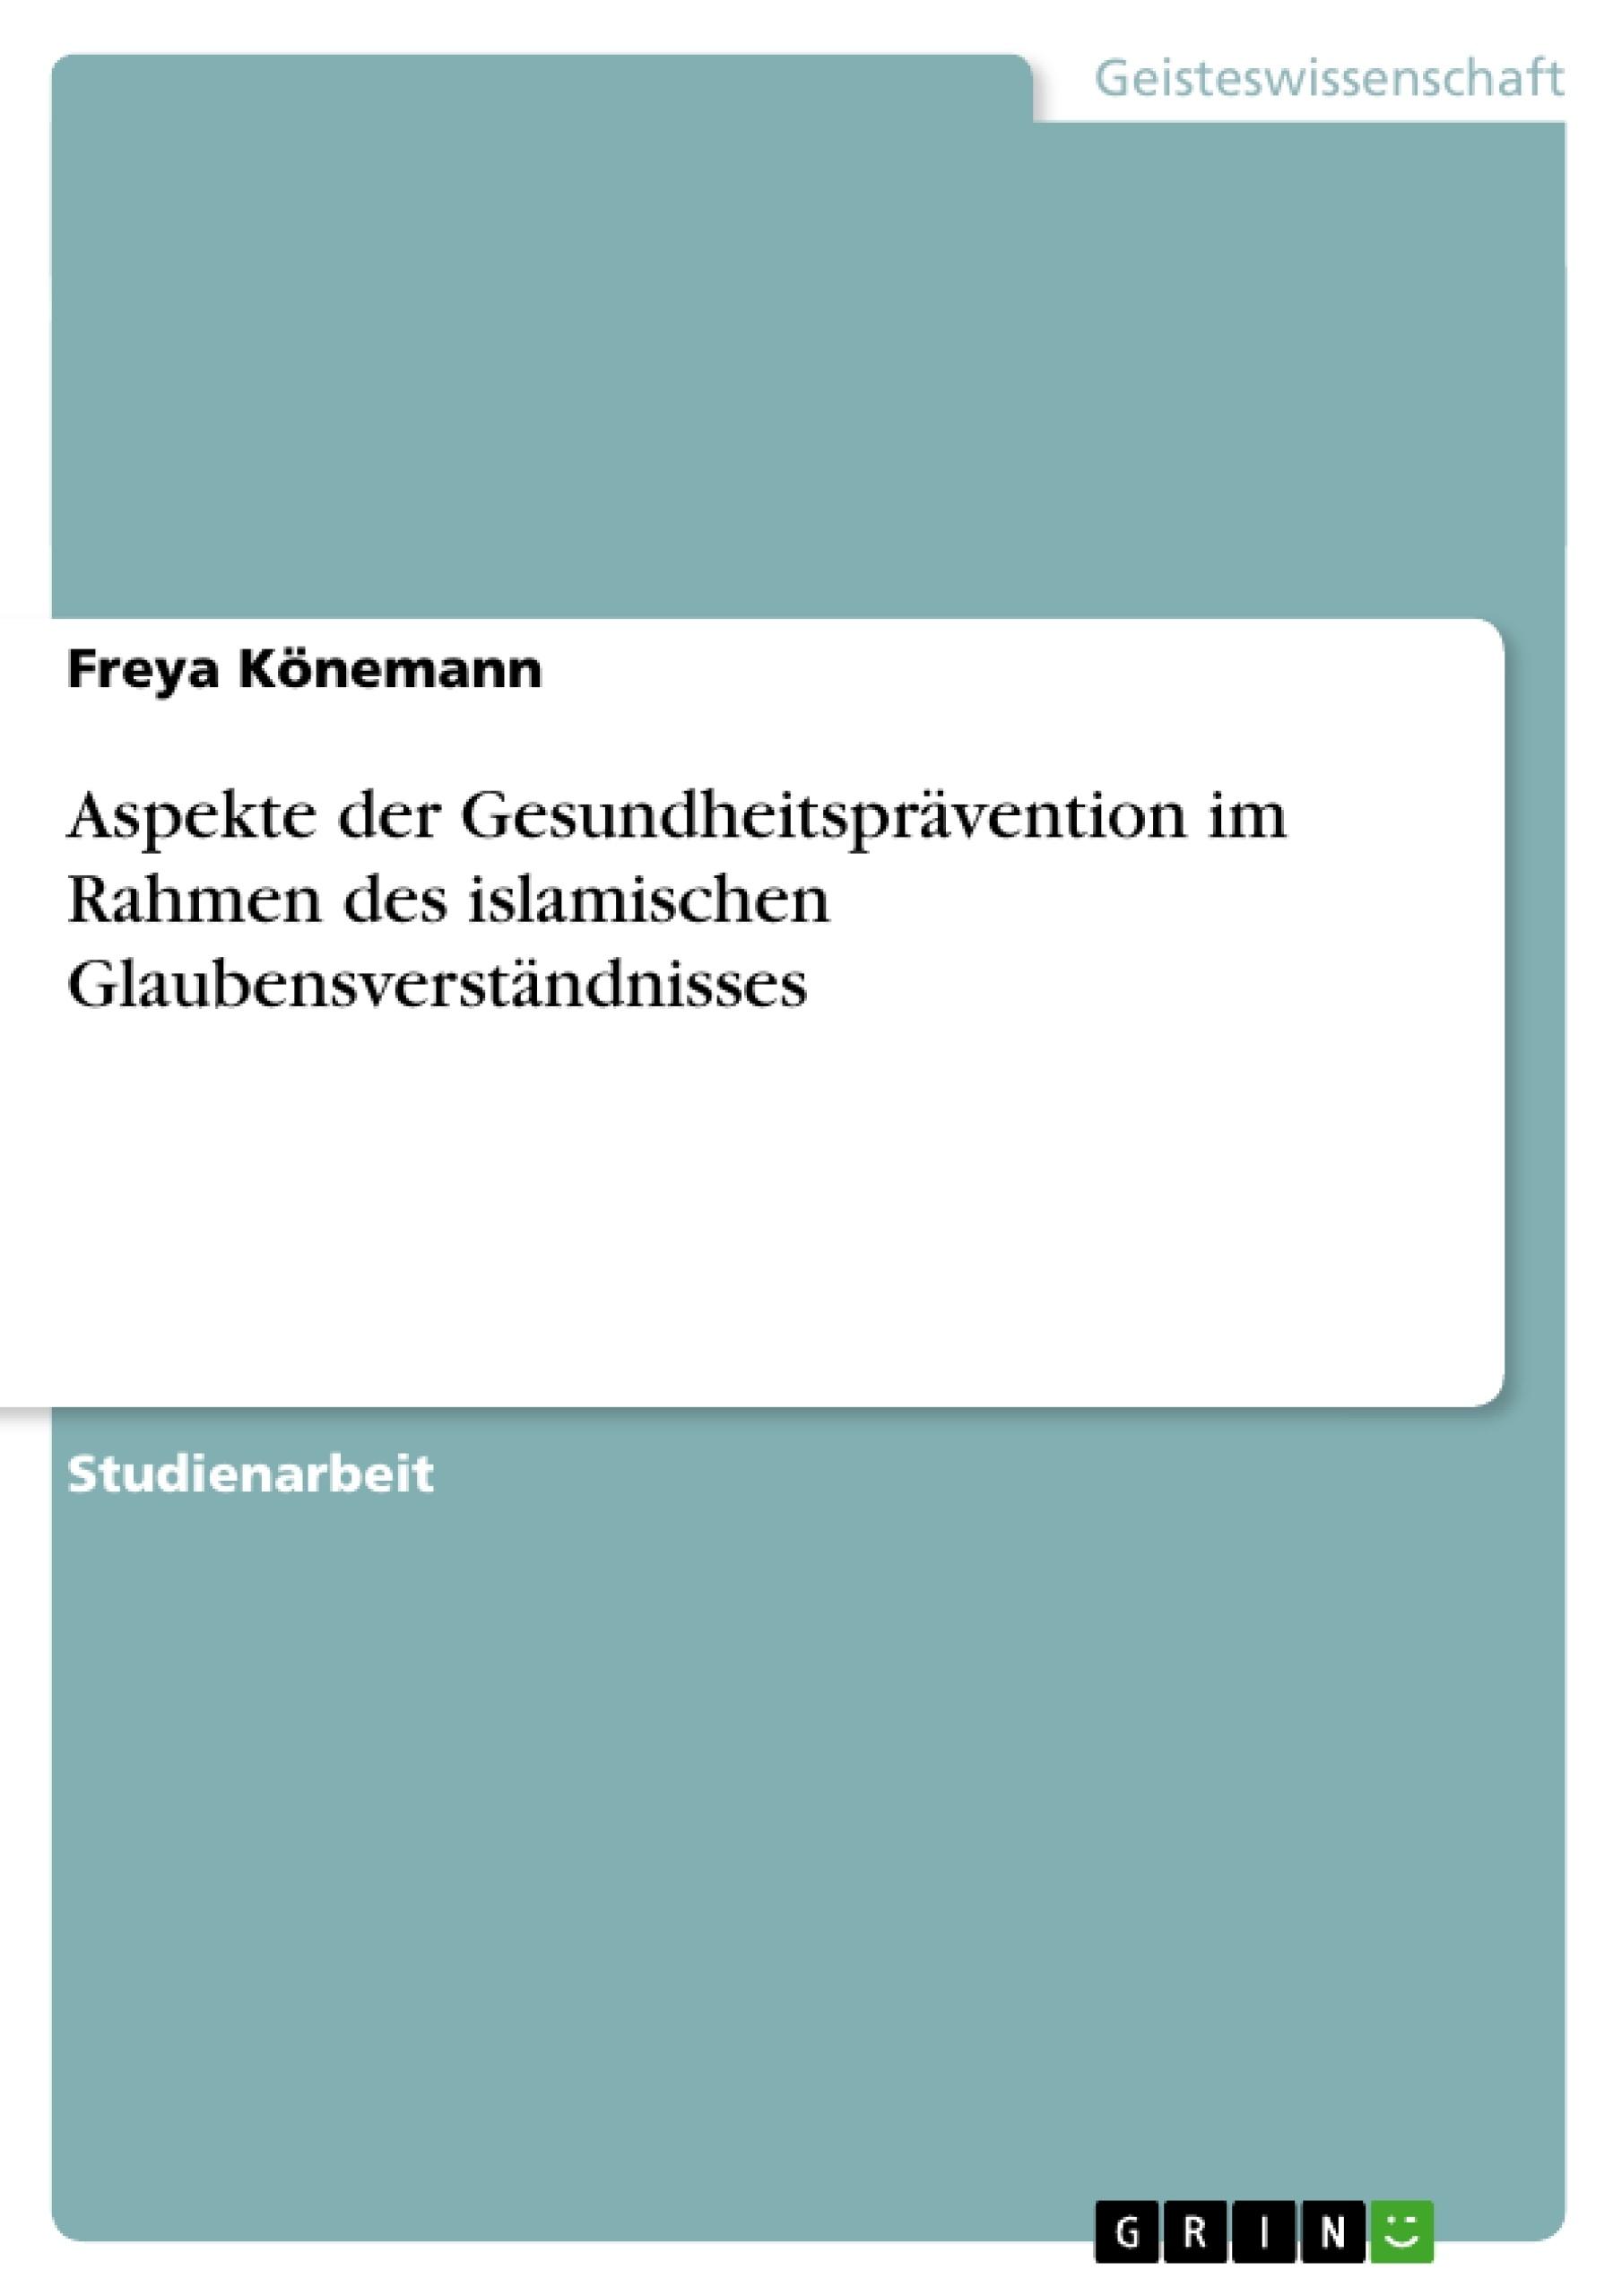 Titel: Aspekte der Gesundheitsprävention im Rahmen des islamischen Glaubensverständnisses